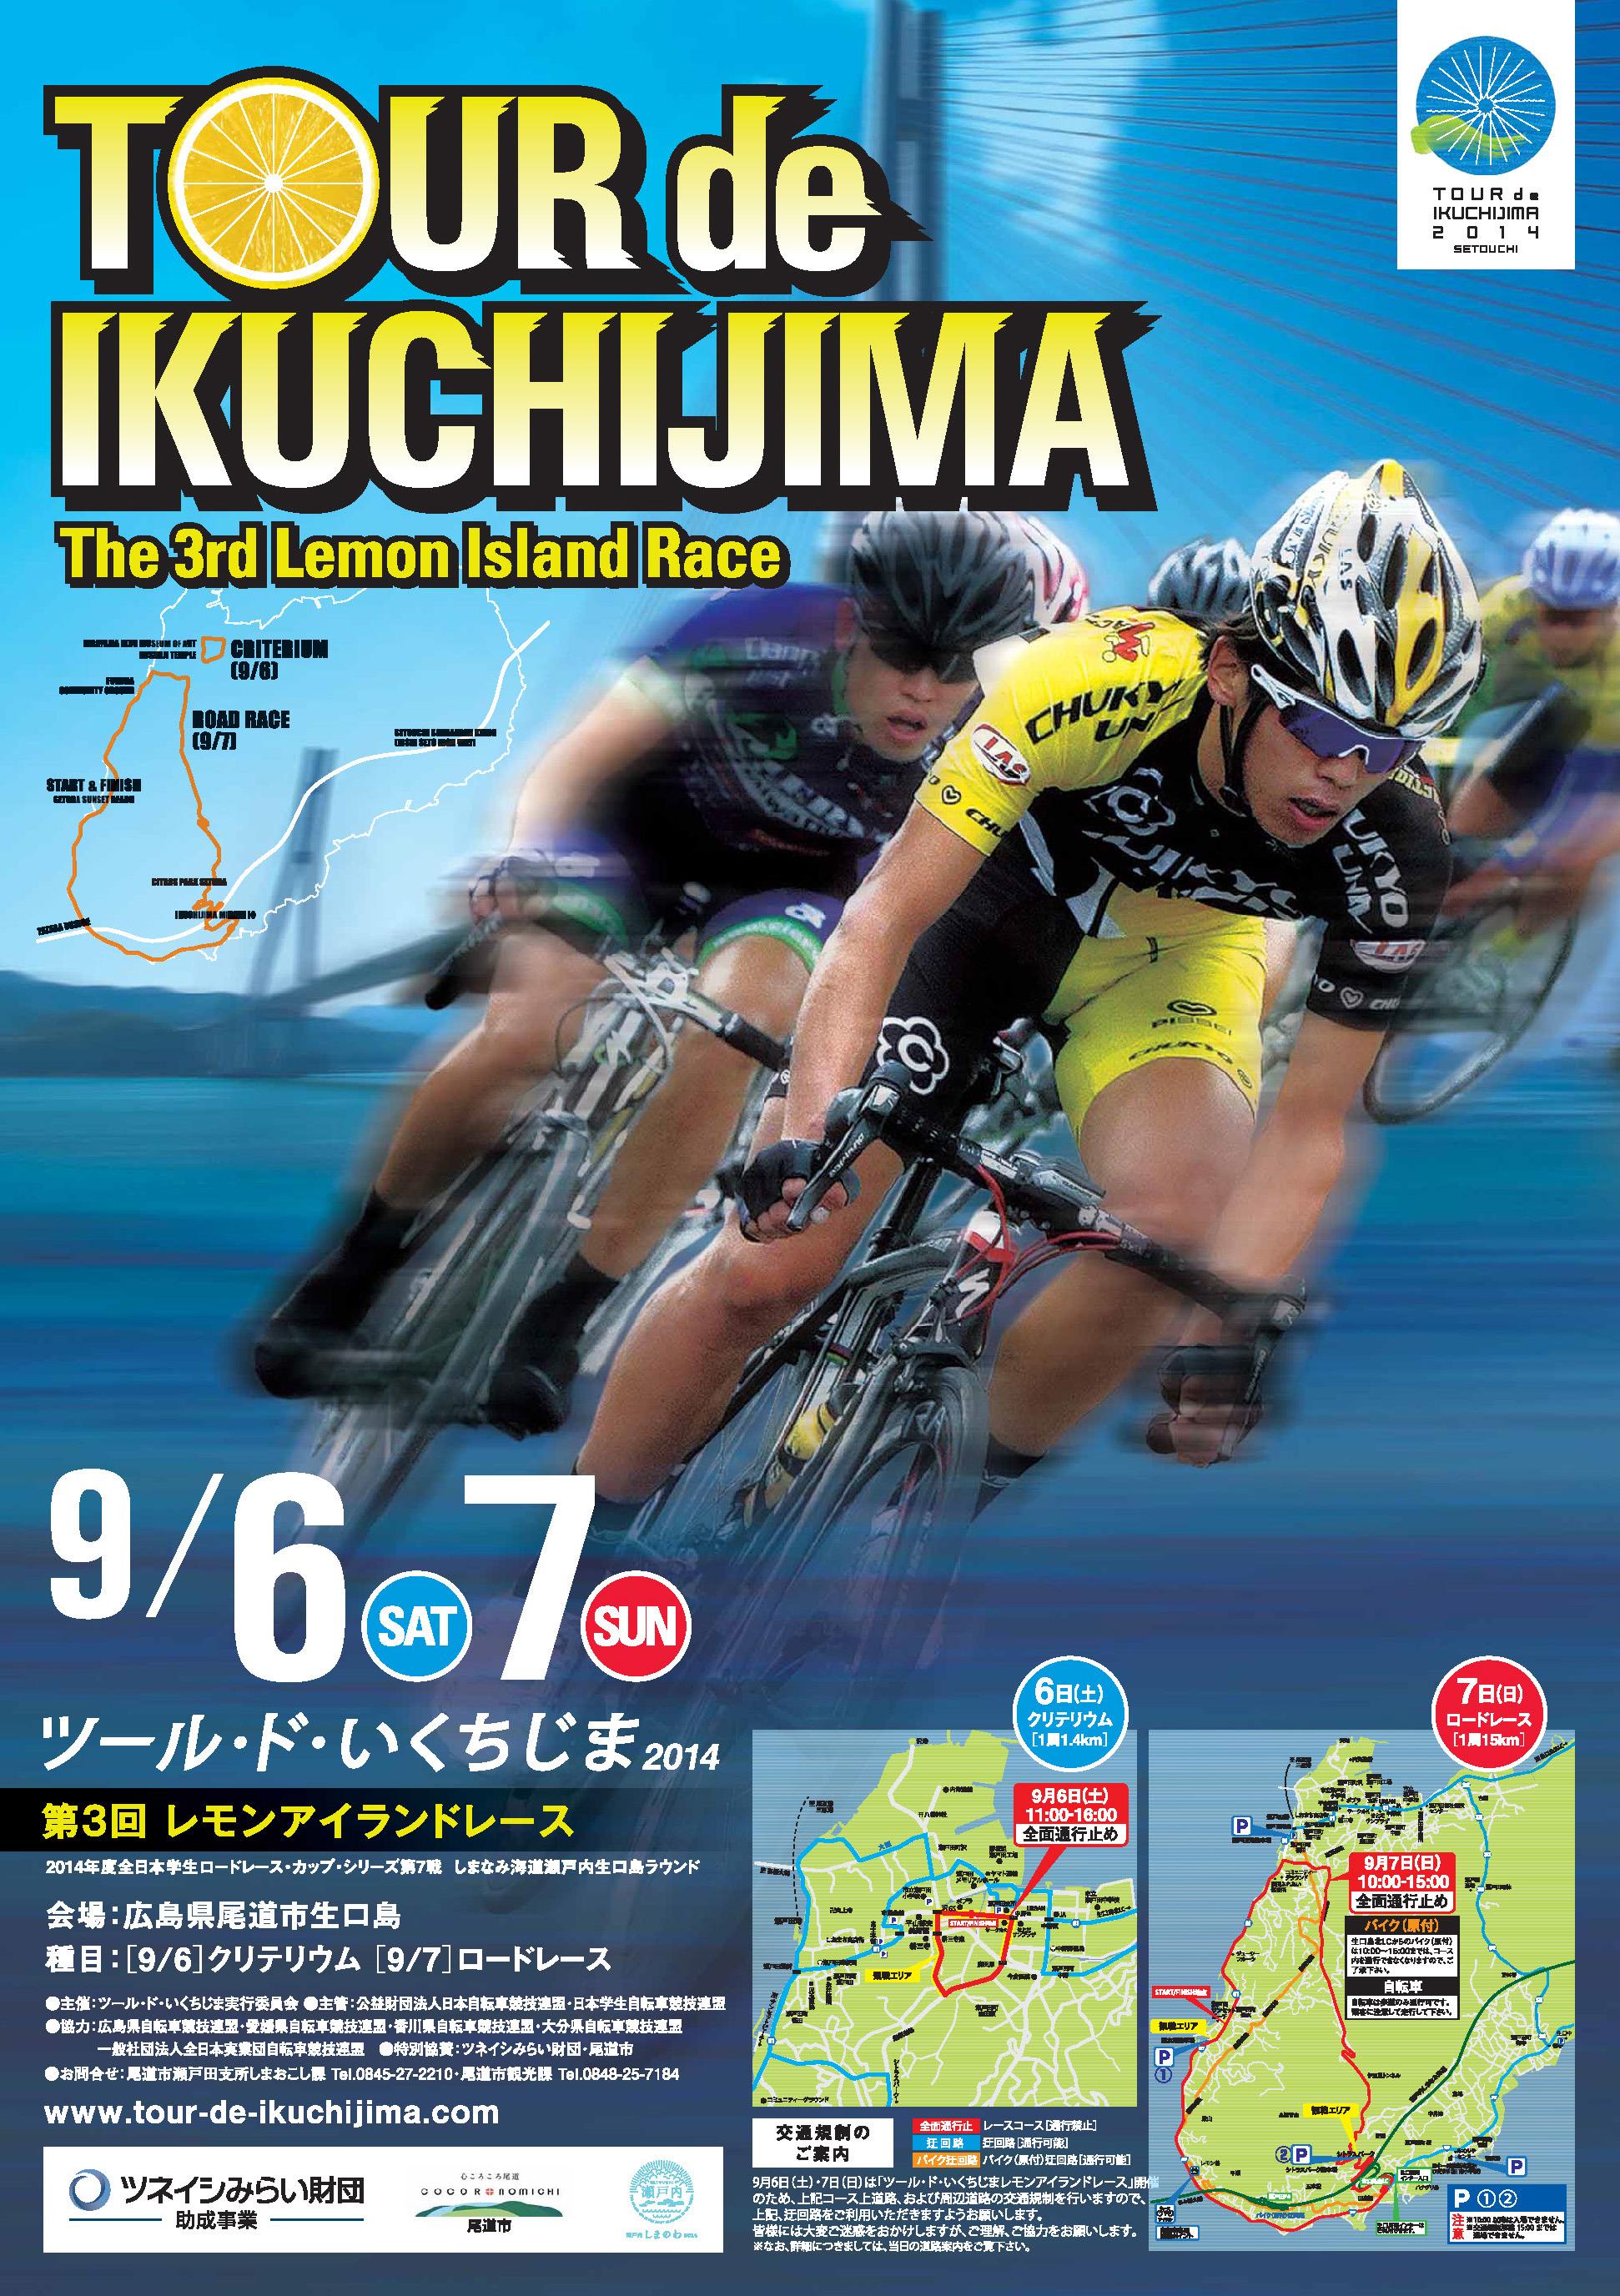 9月6日(土)、7(日)いよいよ開催!日本自転車競技連盟公式レース第3回ツール・ド・いくちじまレモンアイランドレースをツネイシみらい財団が支援